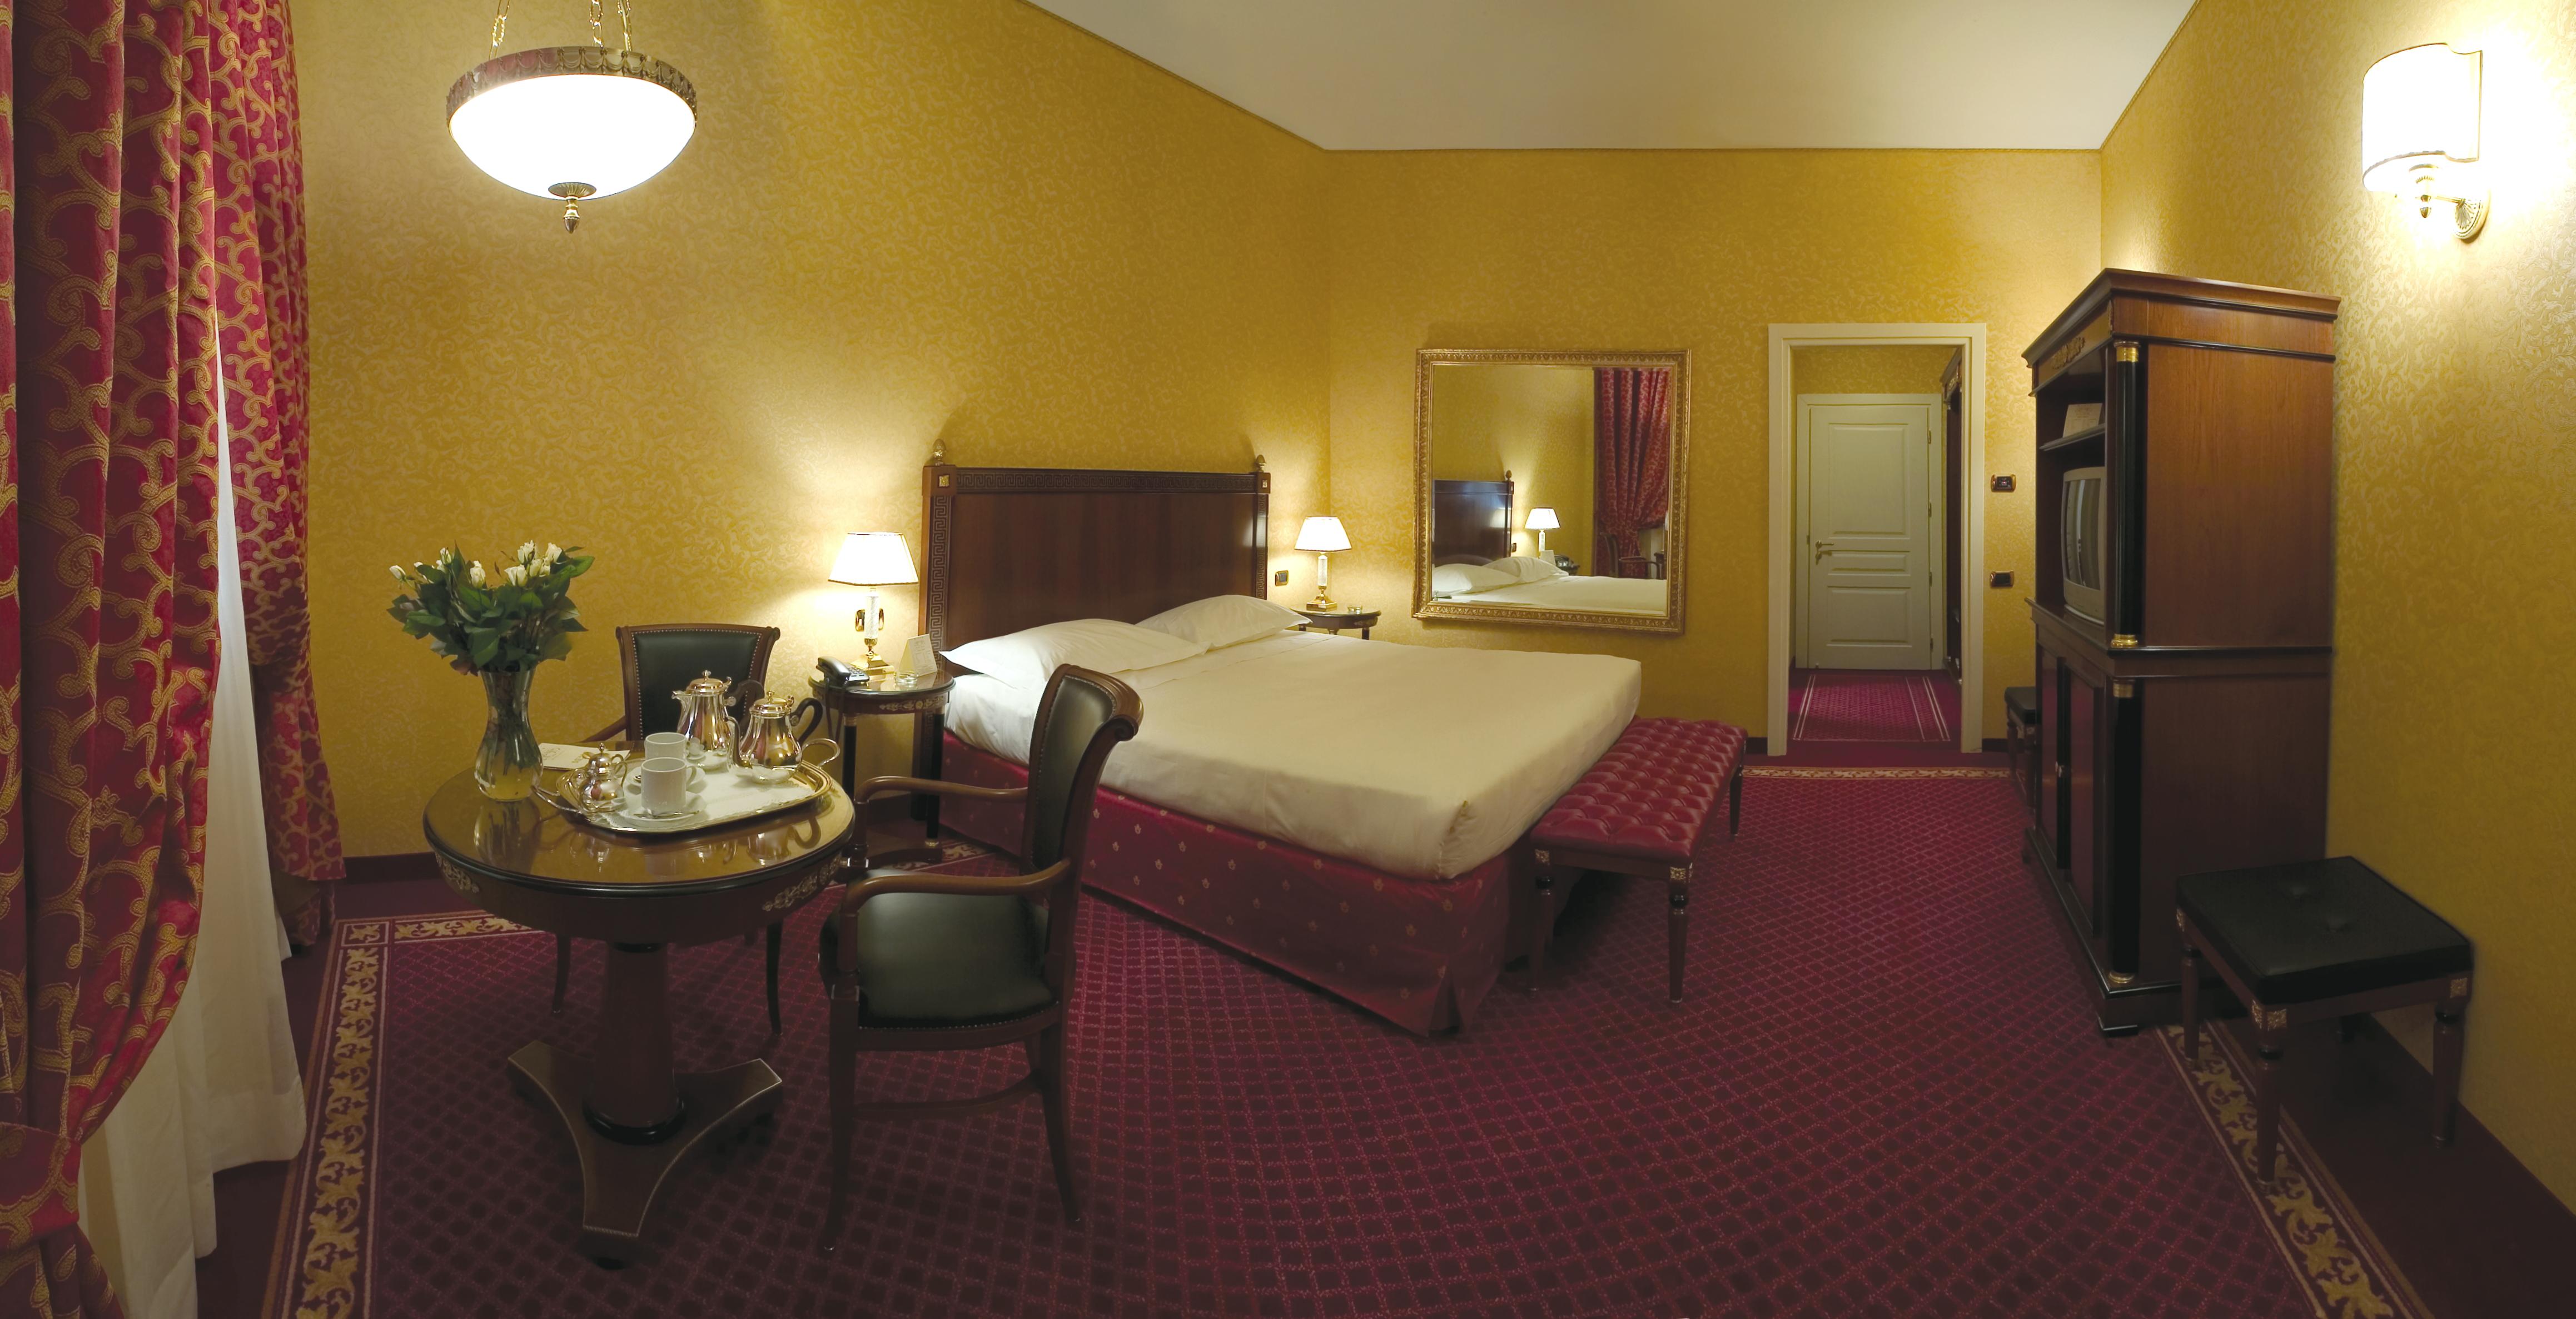 Camere hotel motel maxim - Hotel con camere a tema milano ...